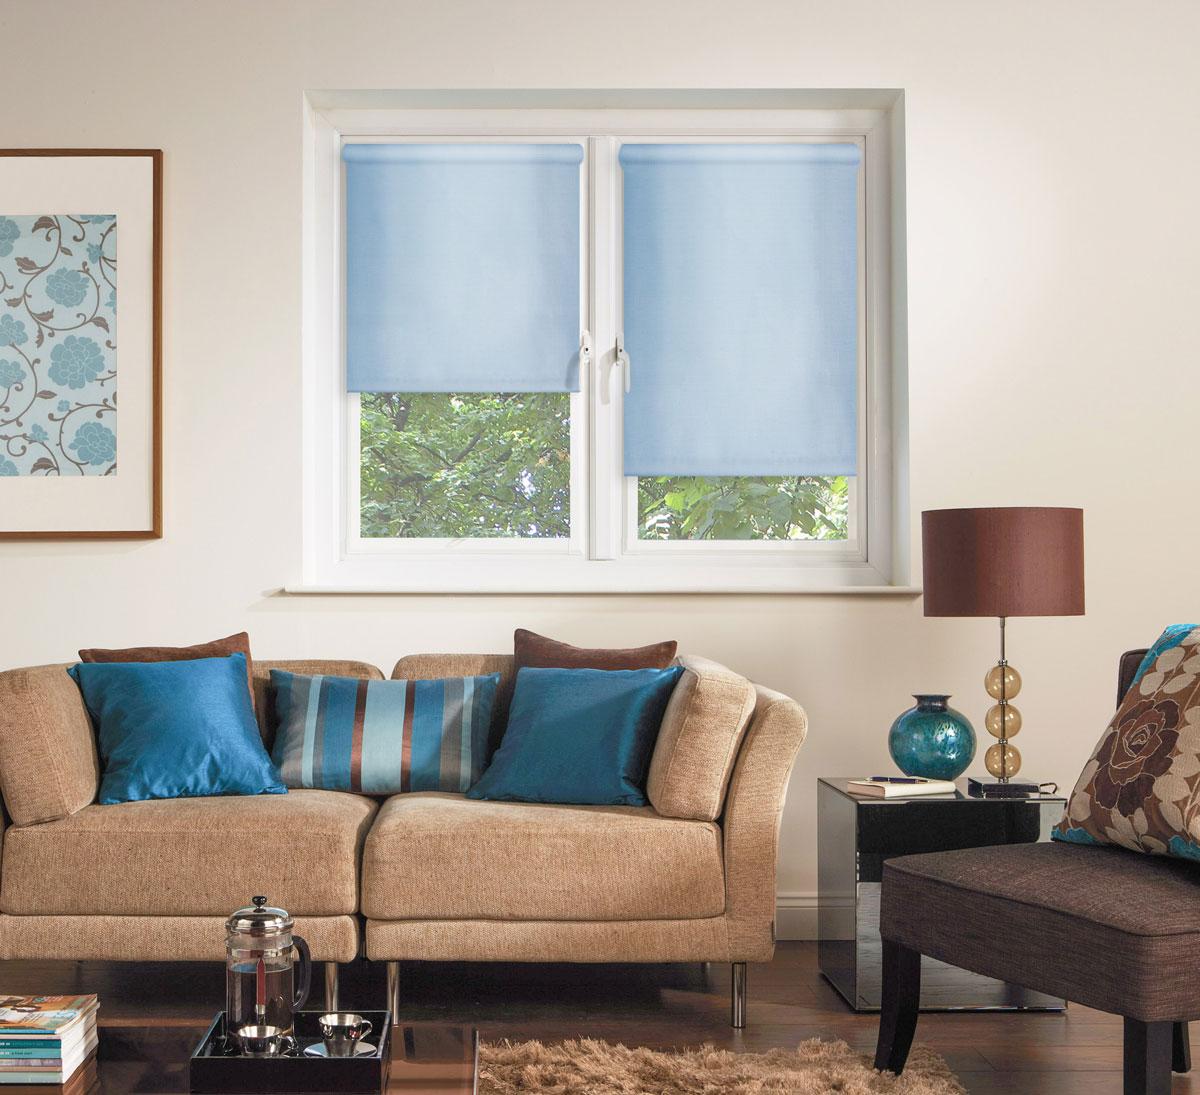 Штора рулонная KauffOrt Миниролло, цвет: голубой, ширина 37 см, высота 170 см3037005Рулонная штора KauffOrt Миниролло выполнена из высокопрочной ткани, которая сохраняет свой размер даже при намокании. Ткань не выцветает и обладает отличной цветоустойчивостью.Миниролло - это подвид рулонных штор, который закрывает не весь оконный проем, а непосредственно само стекло. Такие шторы крепятся на раму без сверления при помощи зажимов или клейкой двухсторонней ленты (в комплекте). Окно остается на гарантии, благодаря монтажу без сверления. Такая штора станет прекрасным элементом декора окна и гармонично впишется в интерьер любого помещения.